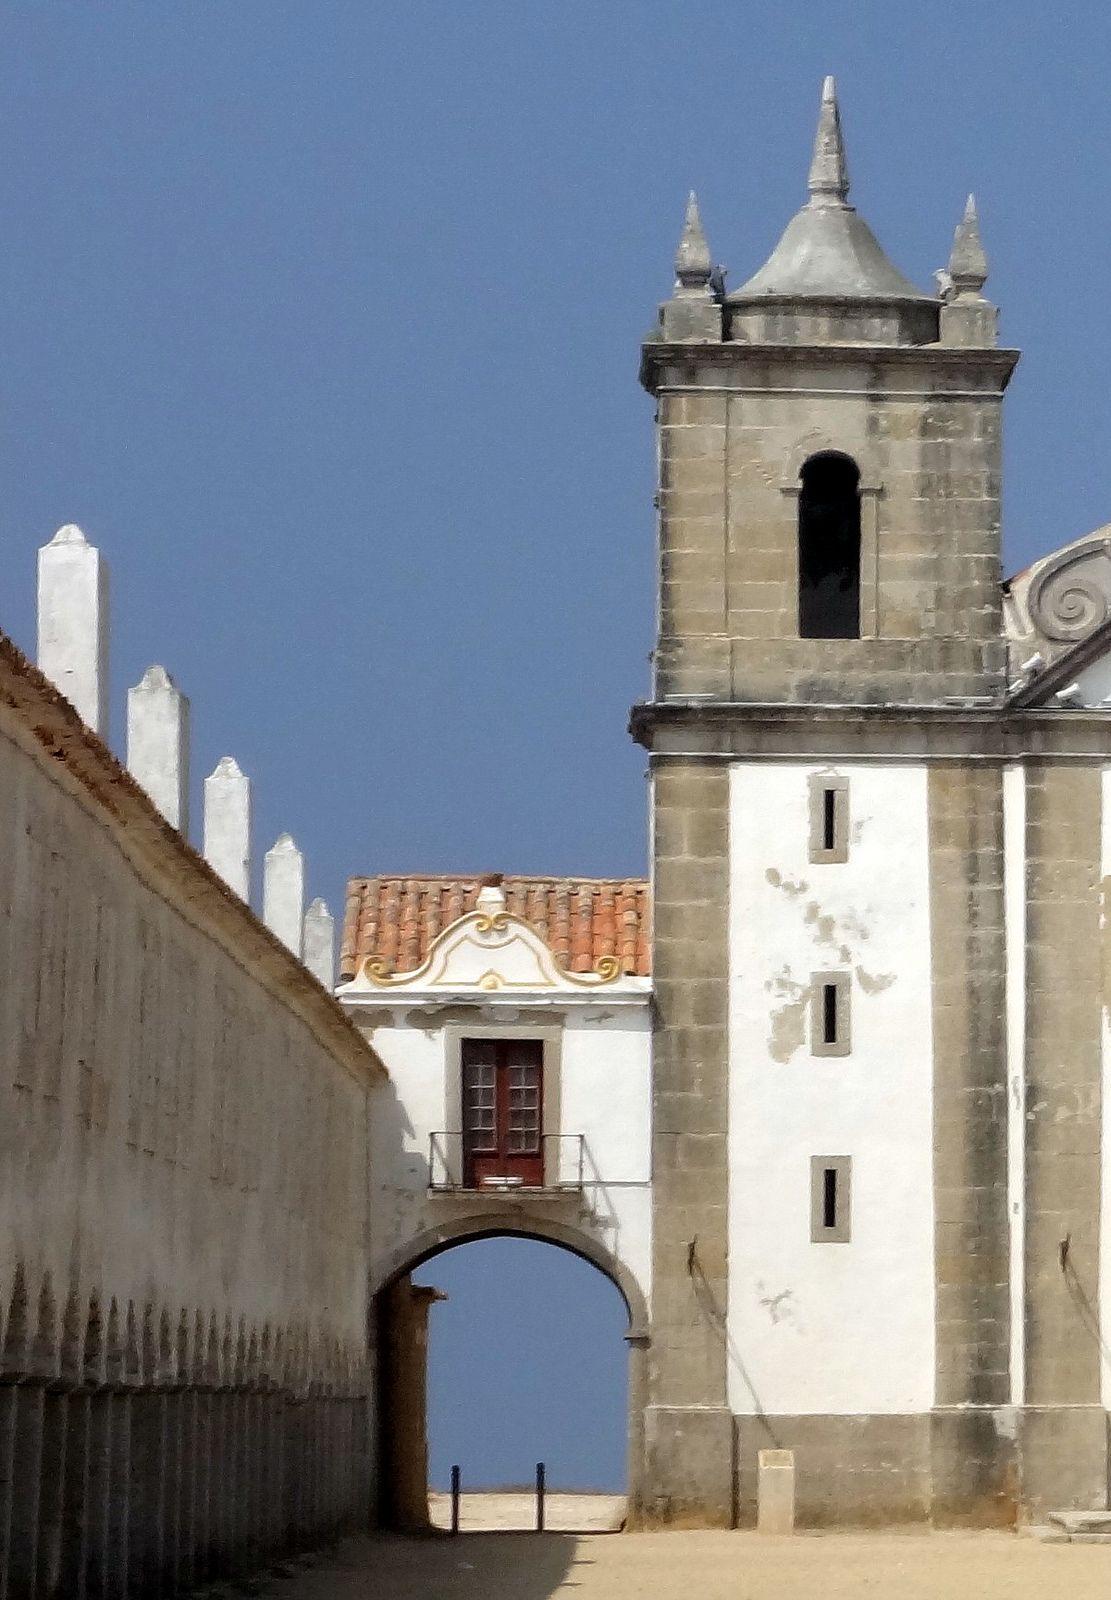 Santuário de Nossa Senhora do Cabo Espichel, Sesimbra, Portugal